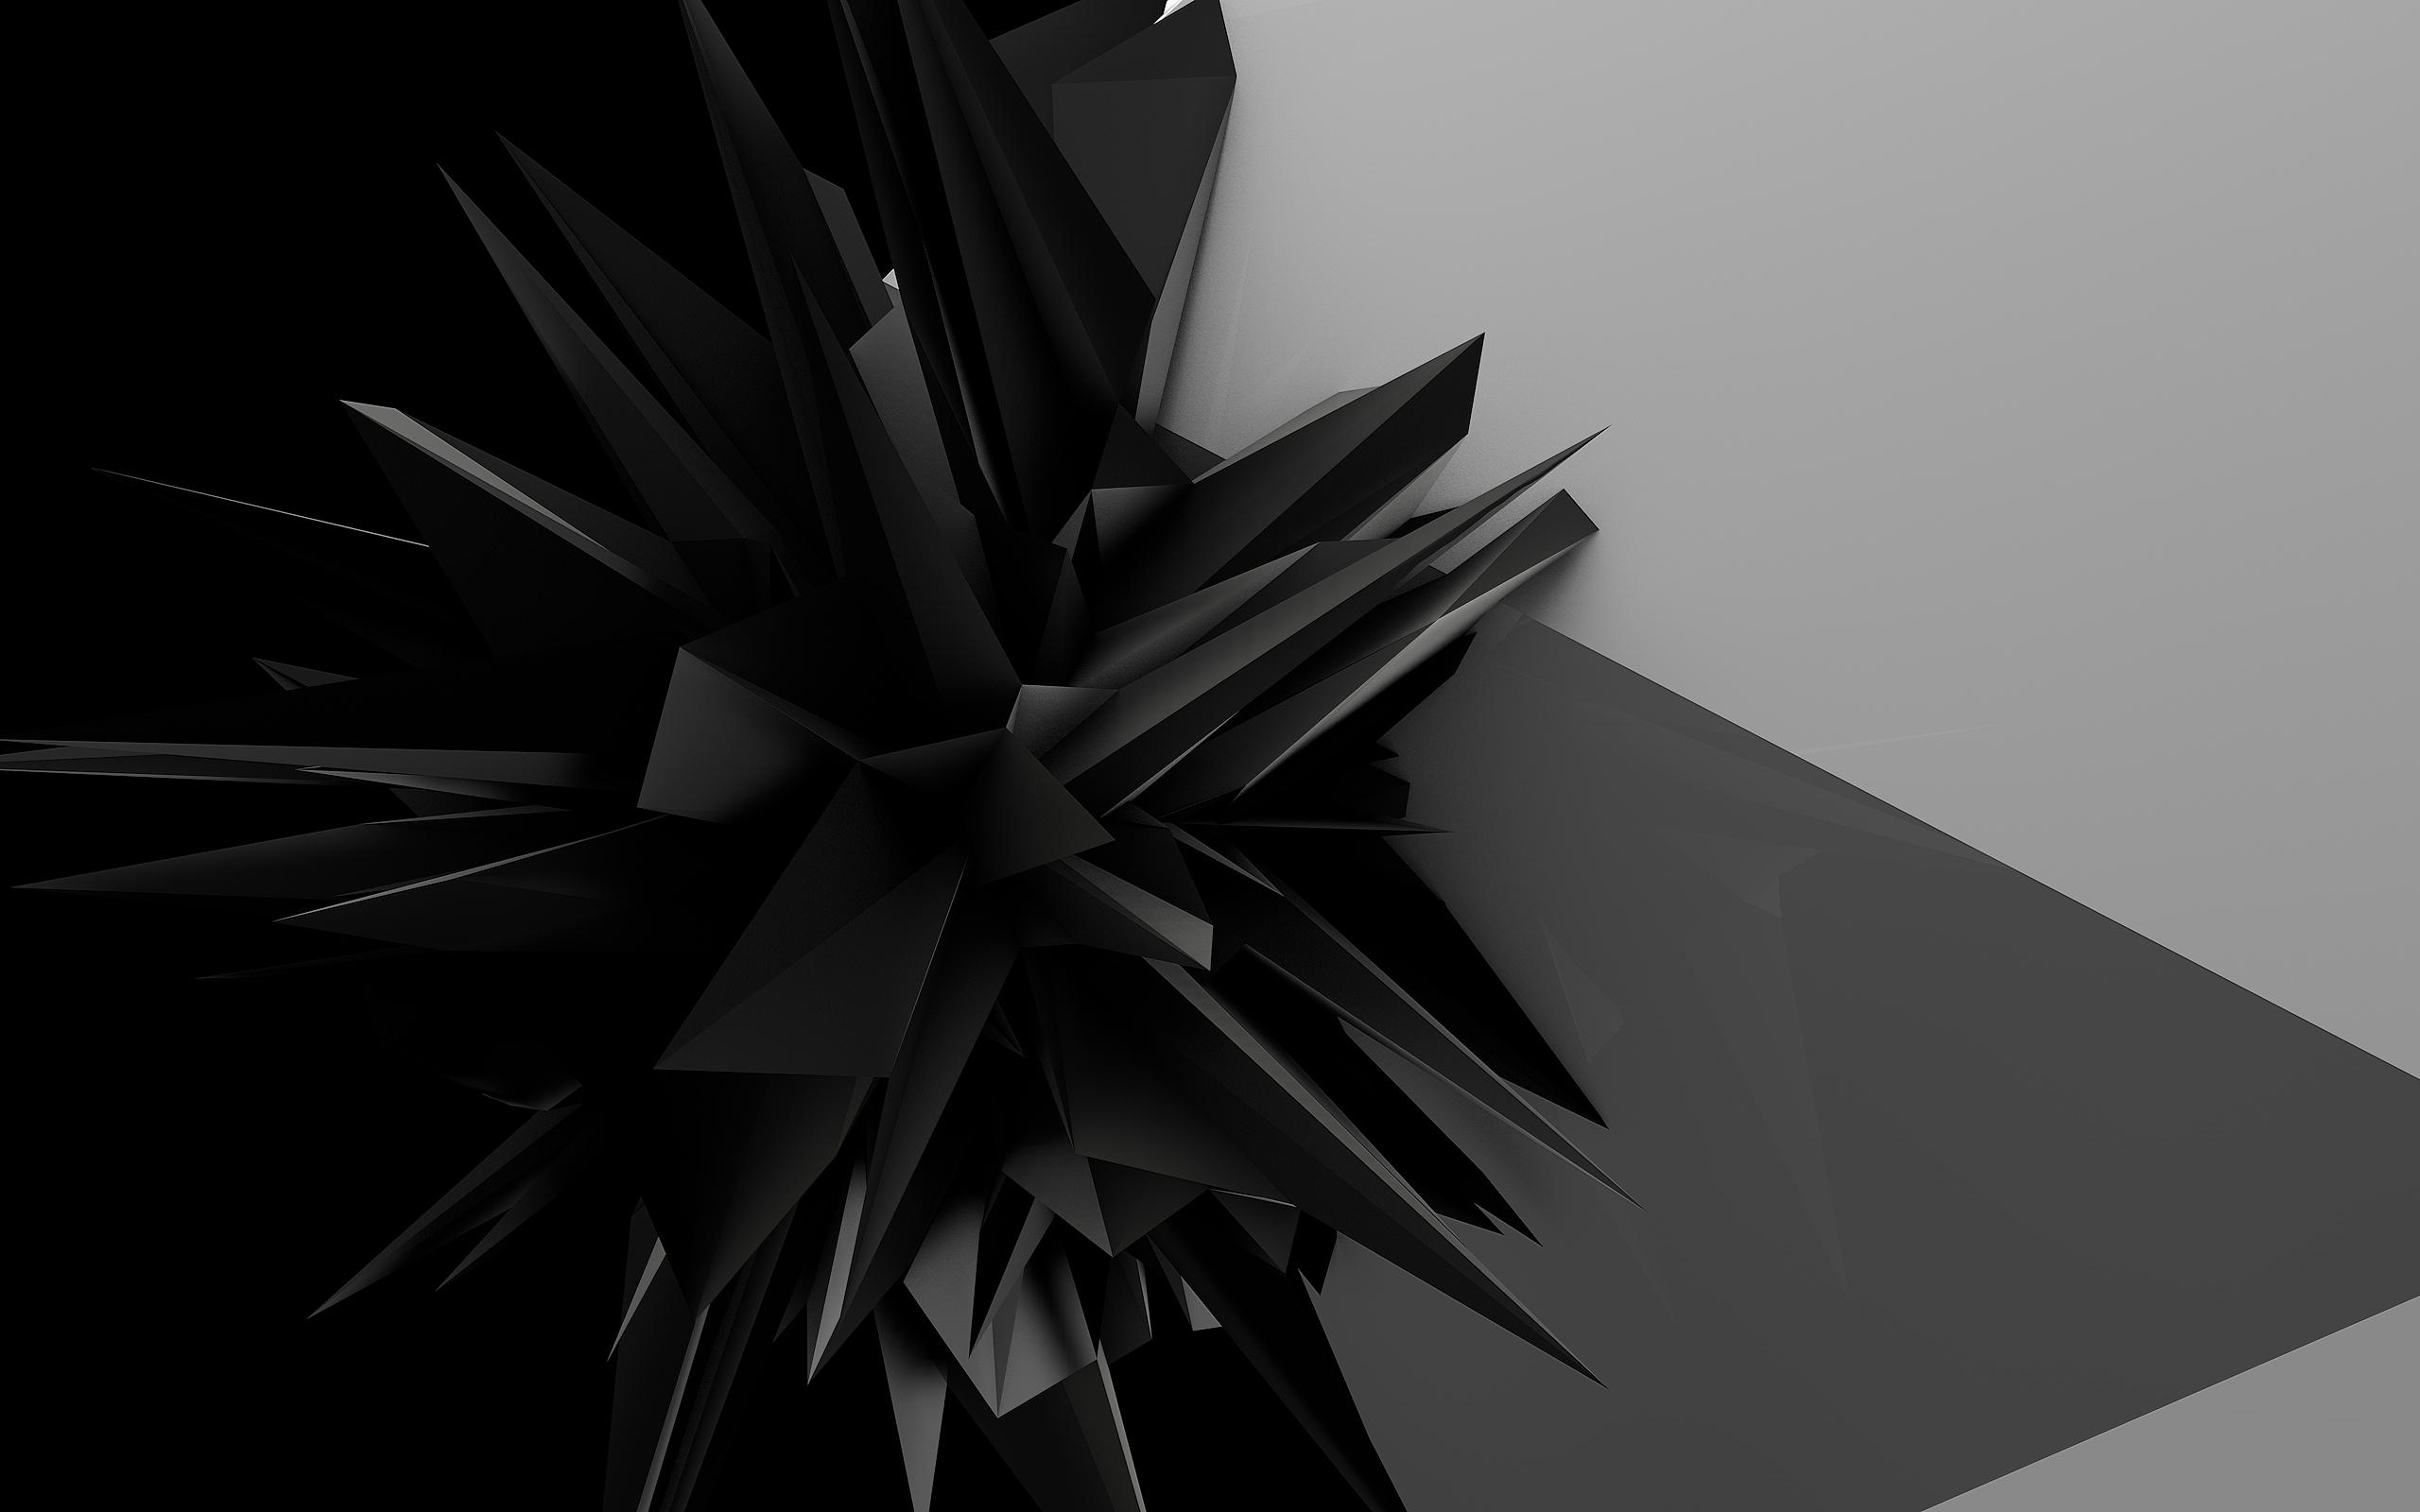 black graphic wallpaper wallpapersafari